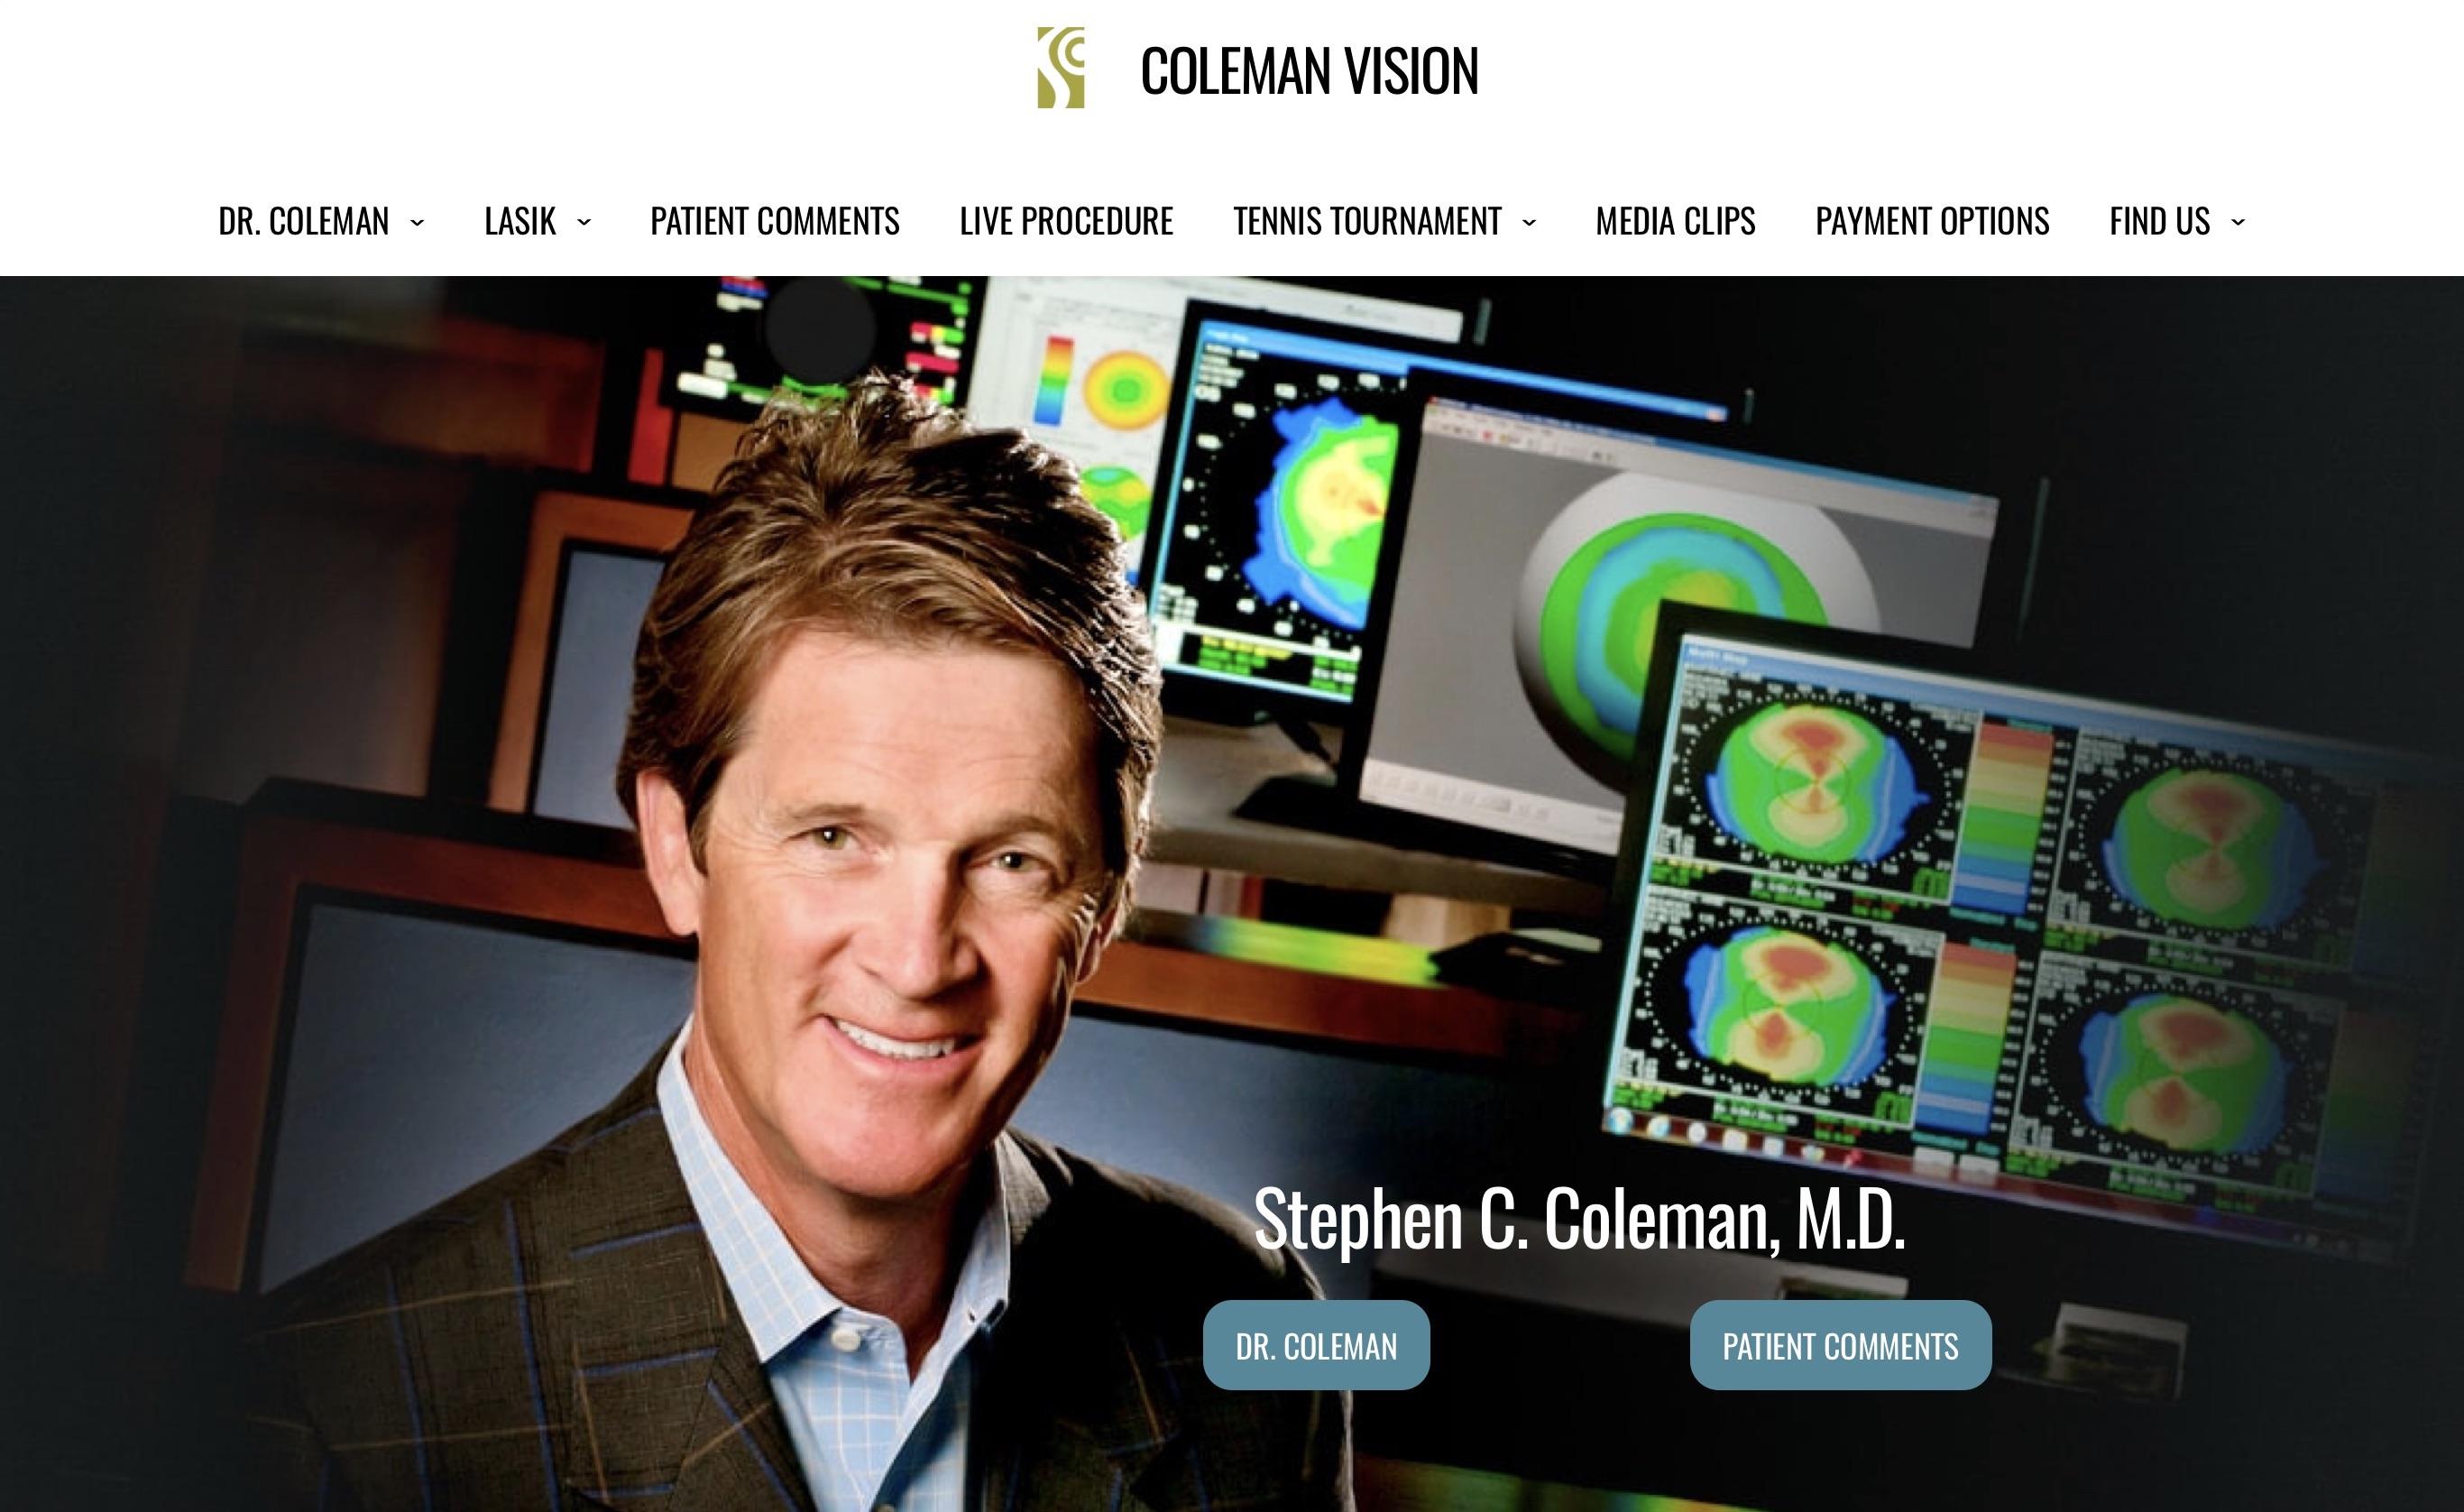 ColemanVision.com